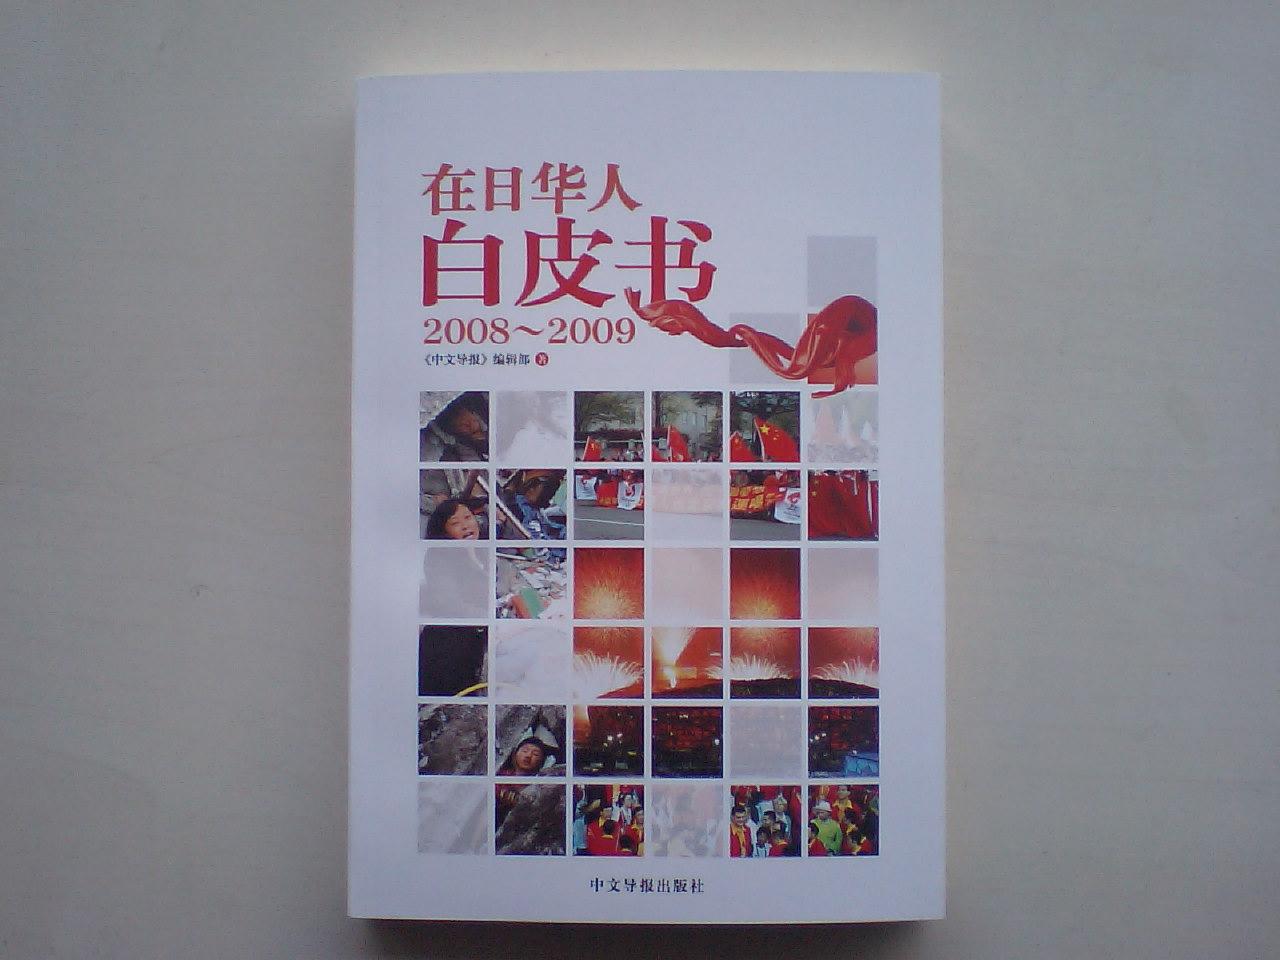 中文導報  《在日华人白皮书》新版发行_d0027795_12303445.jpg